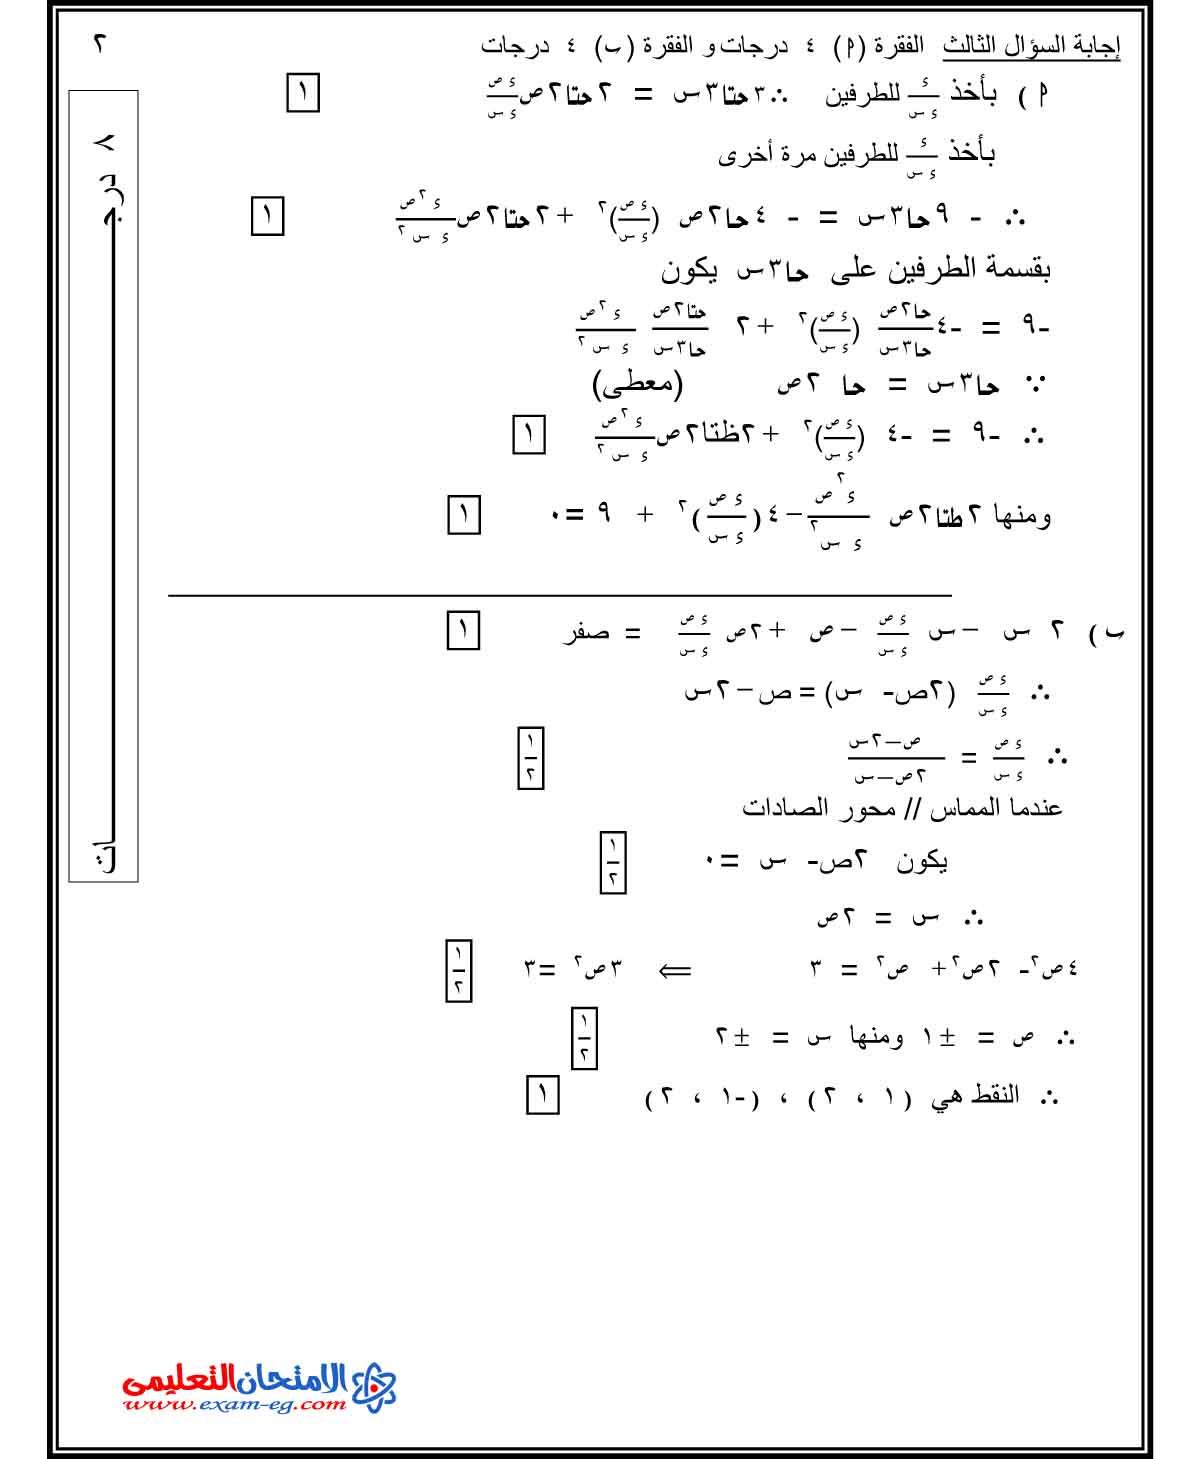 تفاضل وتكامل 1 - الامتحان التعليمى-4